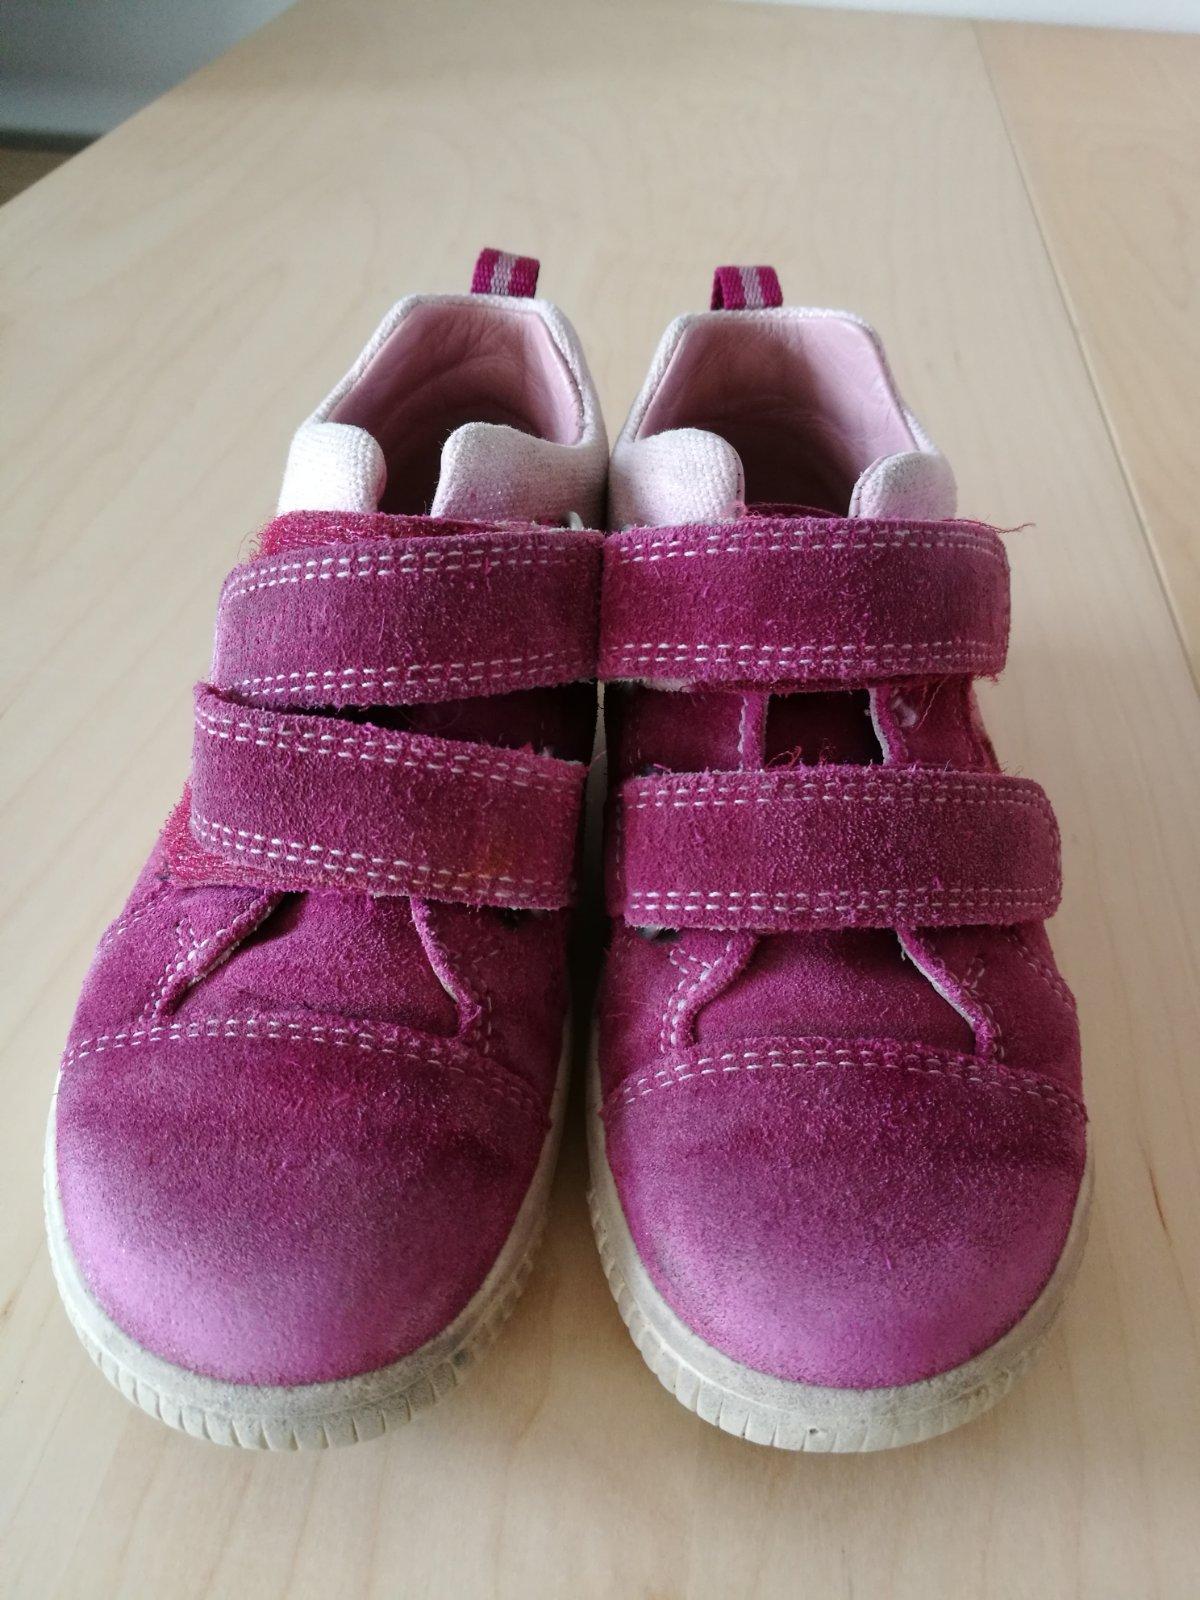 946a174eef3 Dětské celoroční boty superfit vel. 26